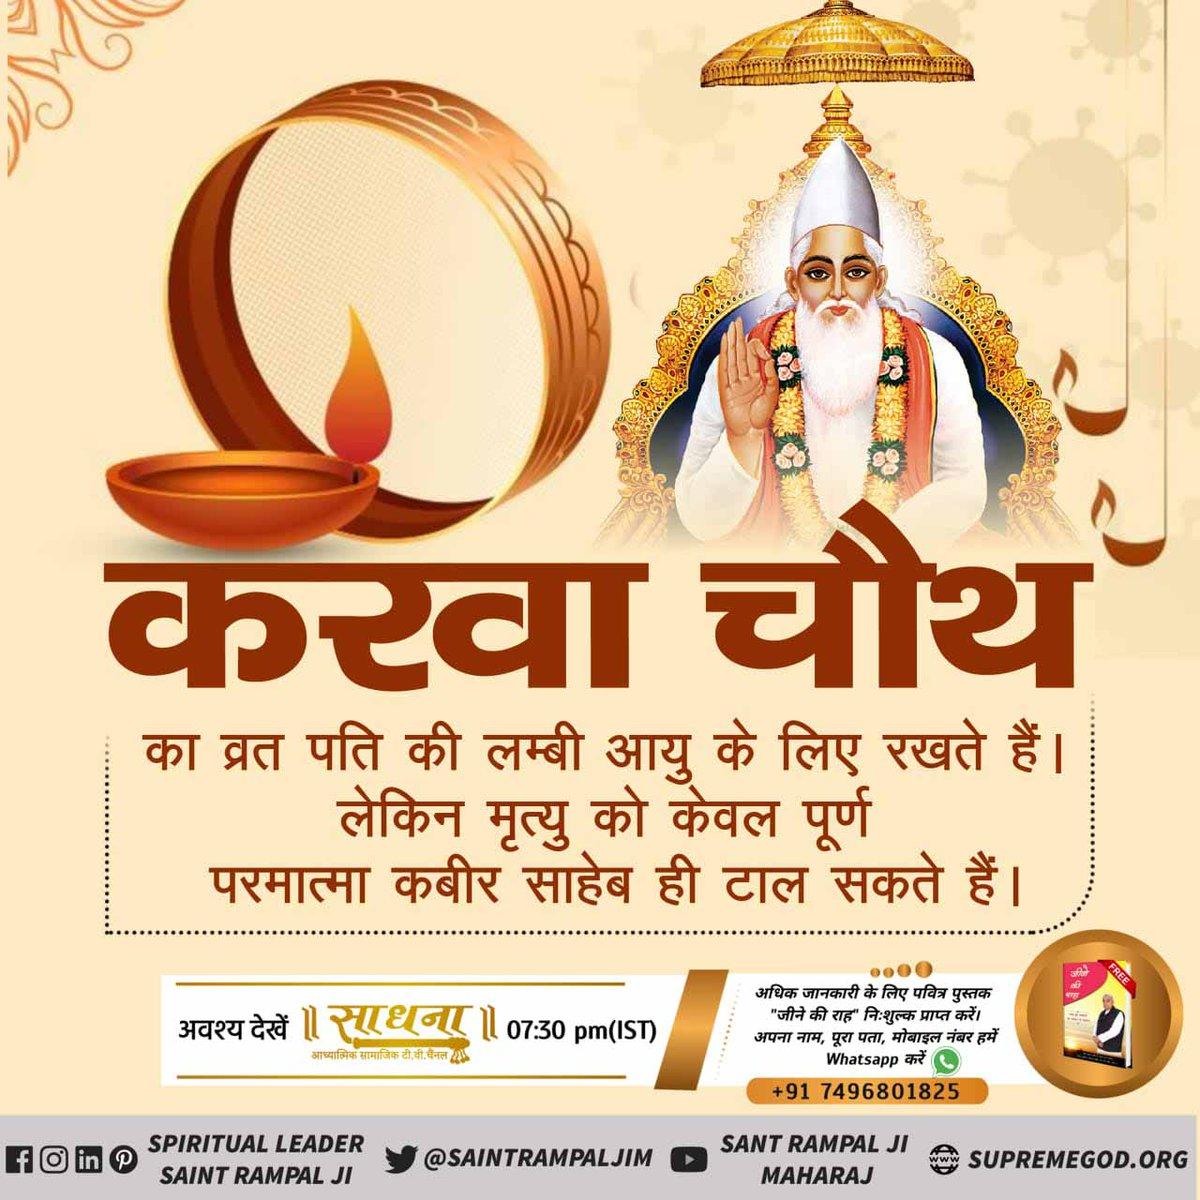 #FactsAbout_KarwaChauth राम नाम को छाड़ि कर, राखै करवा चौथ।  सो तो होगी सूकरी, तिन्हें राम सो कोथ।।  राम नाम को छाड़ि कर, करे आन की आश।  कहै कबीर ता दास का, होवे नरक में वास।।